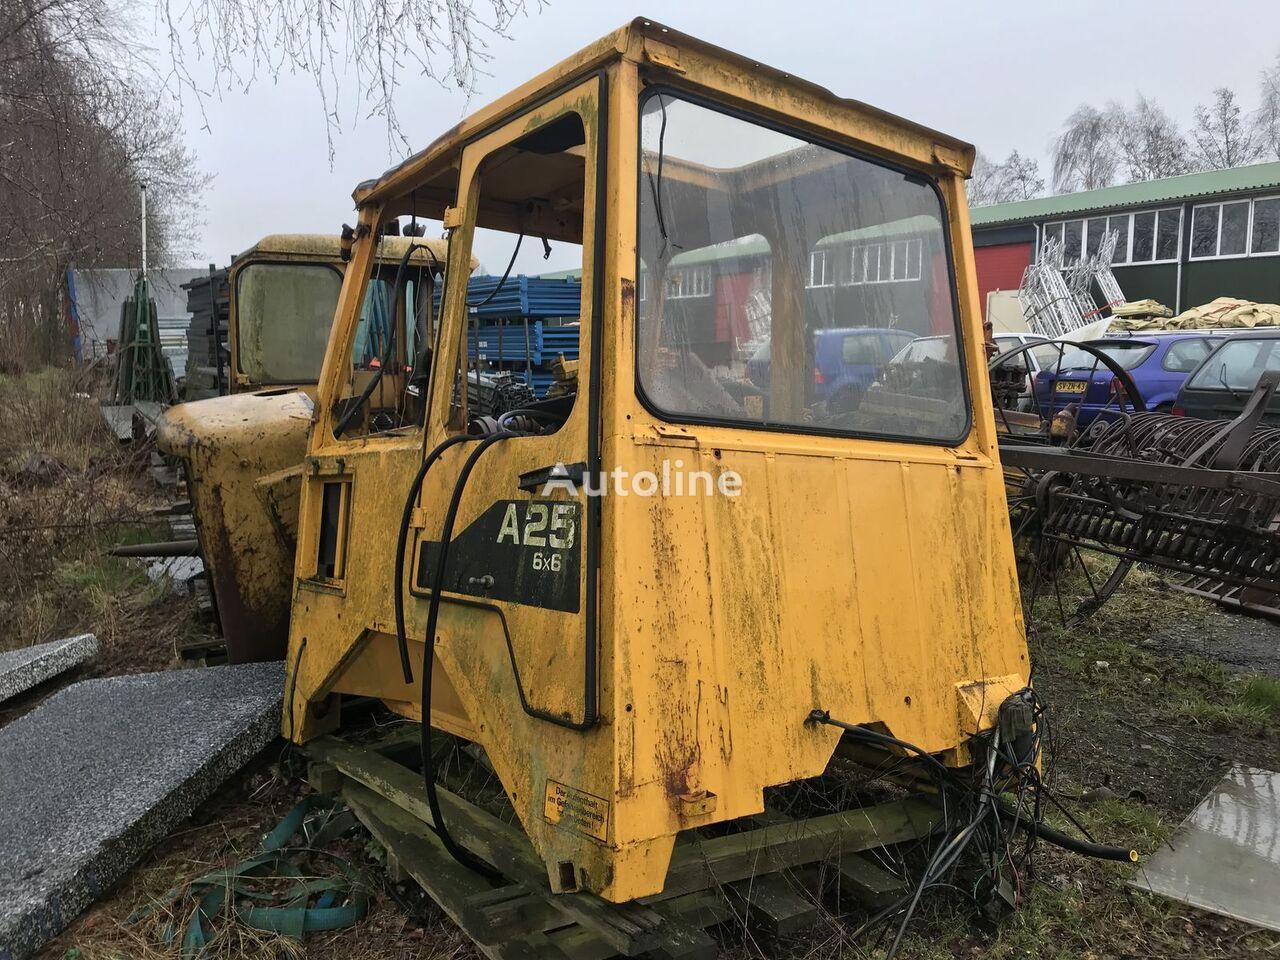 cabină CATERPILLAR pentru basculantă articulată CATERPILLAR a25